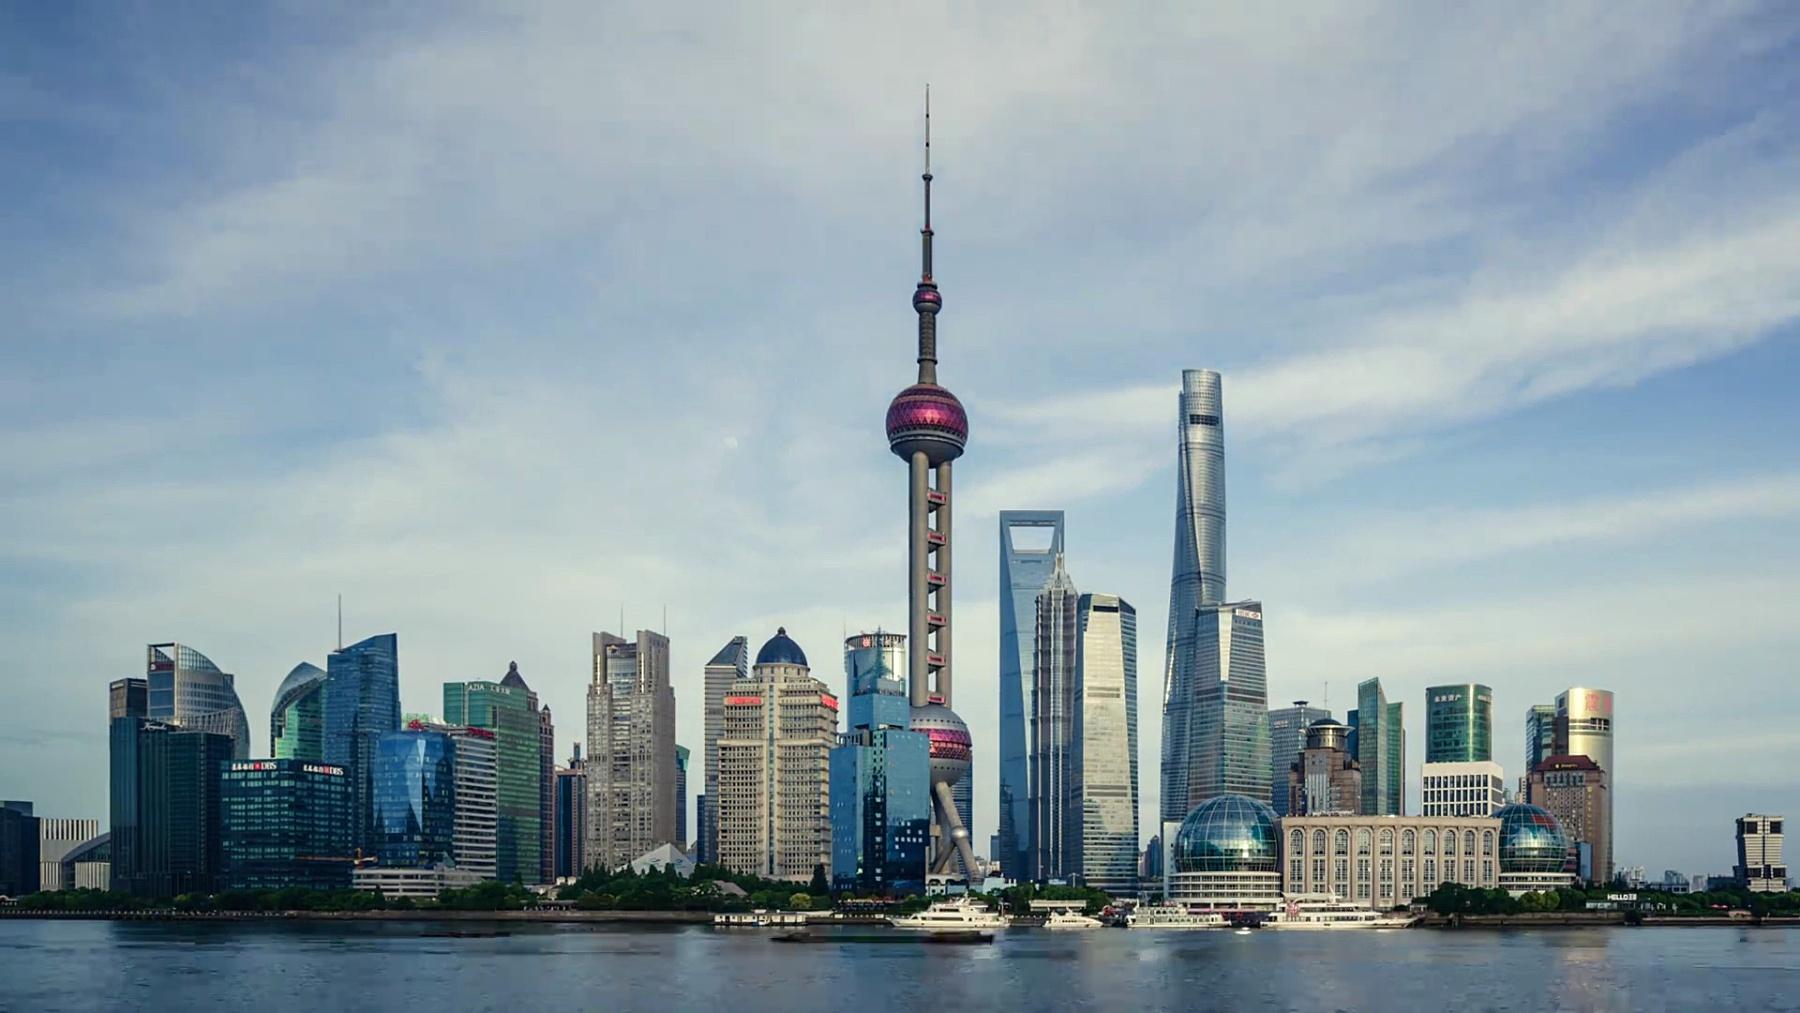 上海的现代城市景观和天际线.timelapse